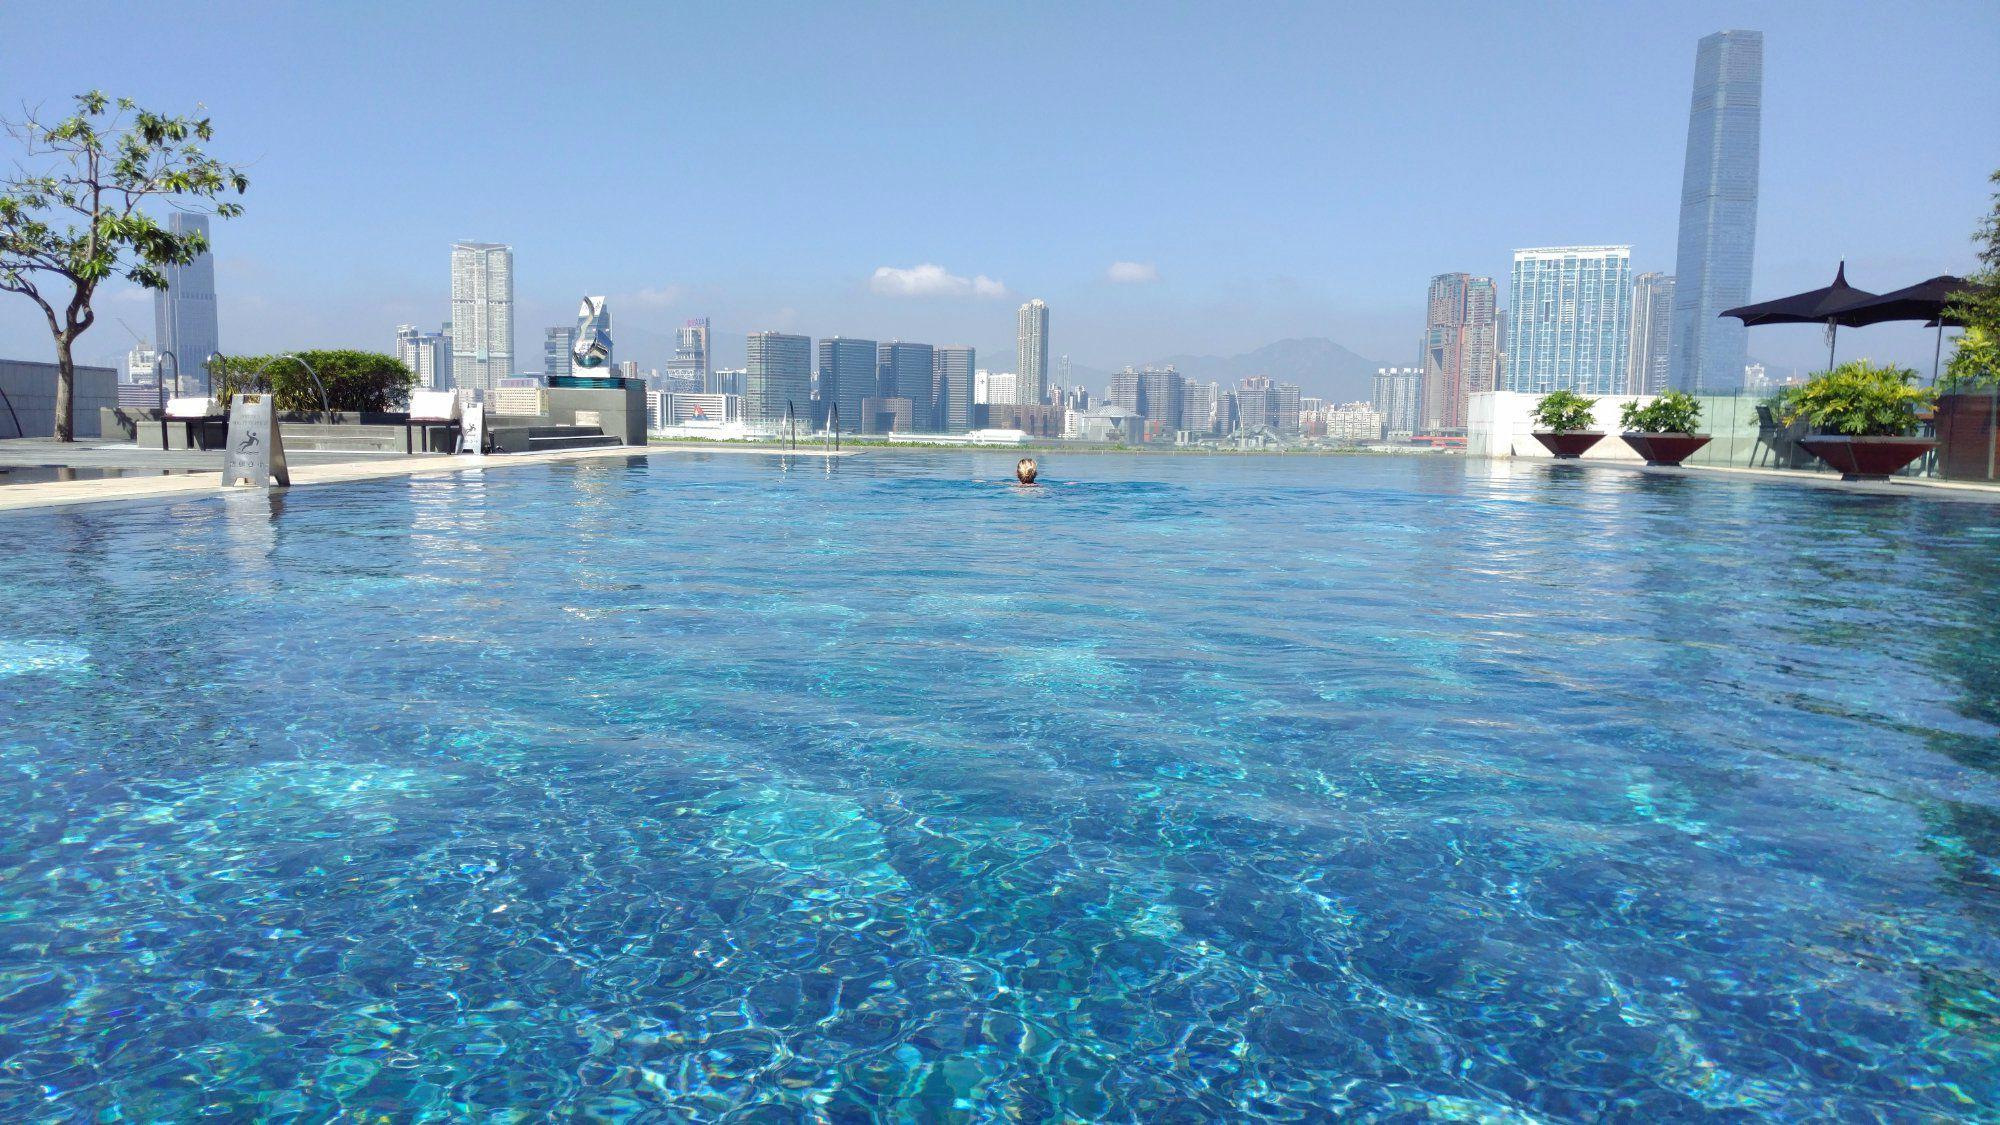 Four Seasons Hotel Hong Kong Pool Top 10 Best Hong Kong Hotels Hong Kong Hotels Hong Kong Holidays Hong Ko Hong Kong Hotels Top 10 Hotels Hong Kong Holiday